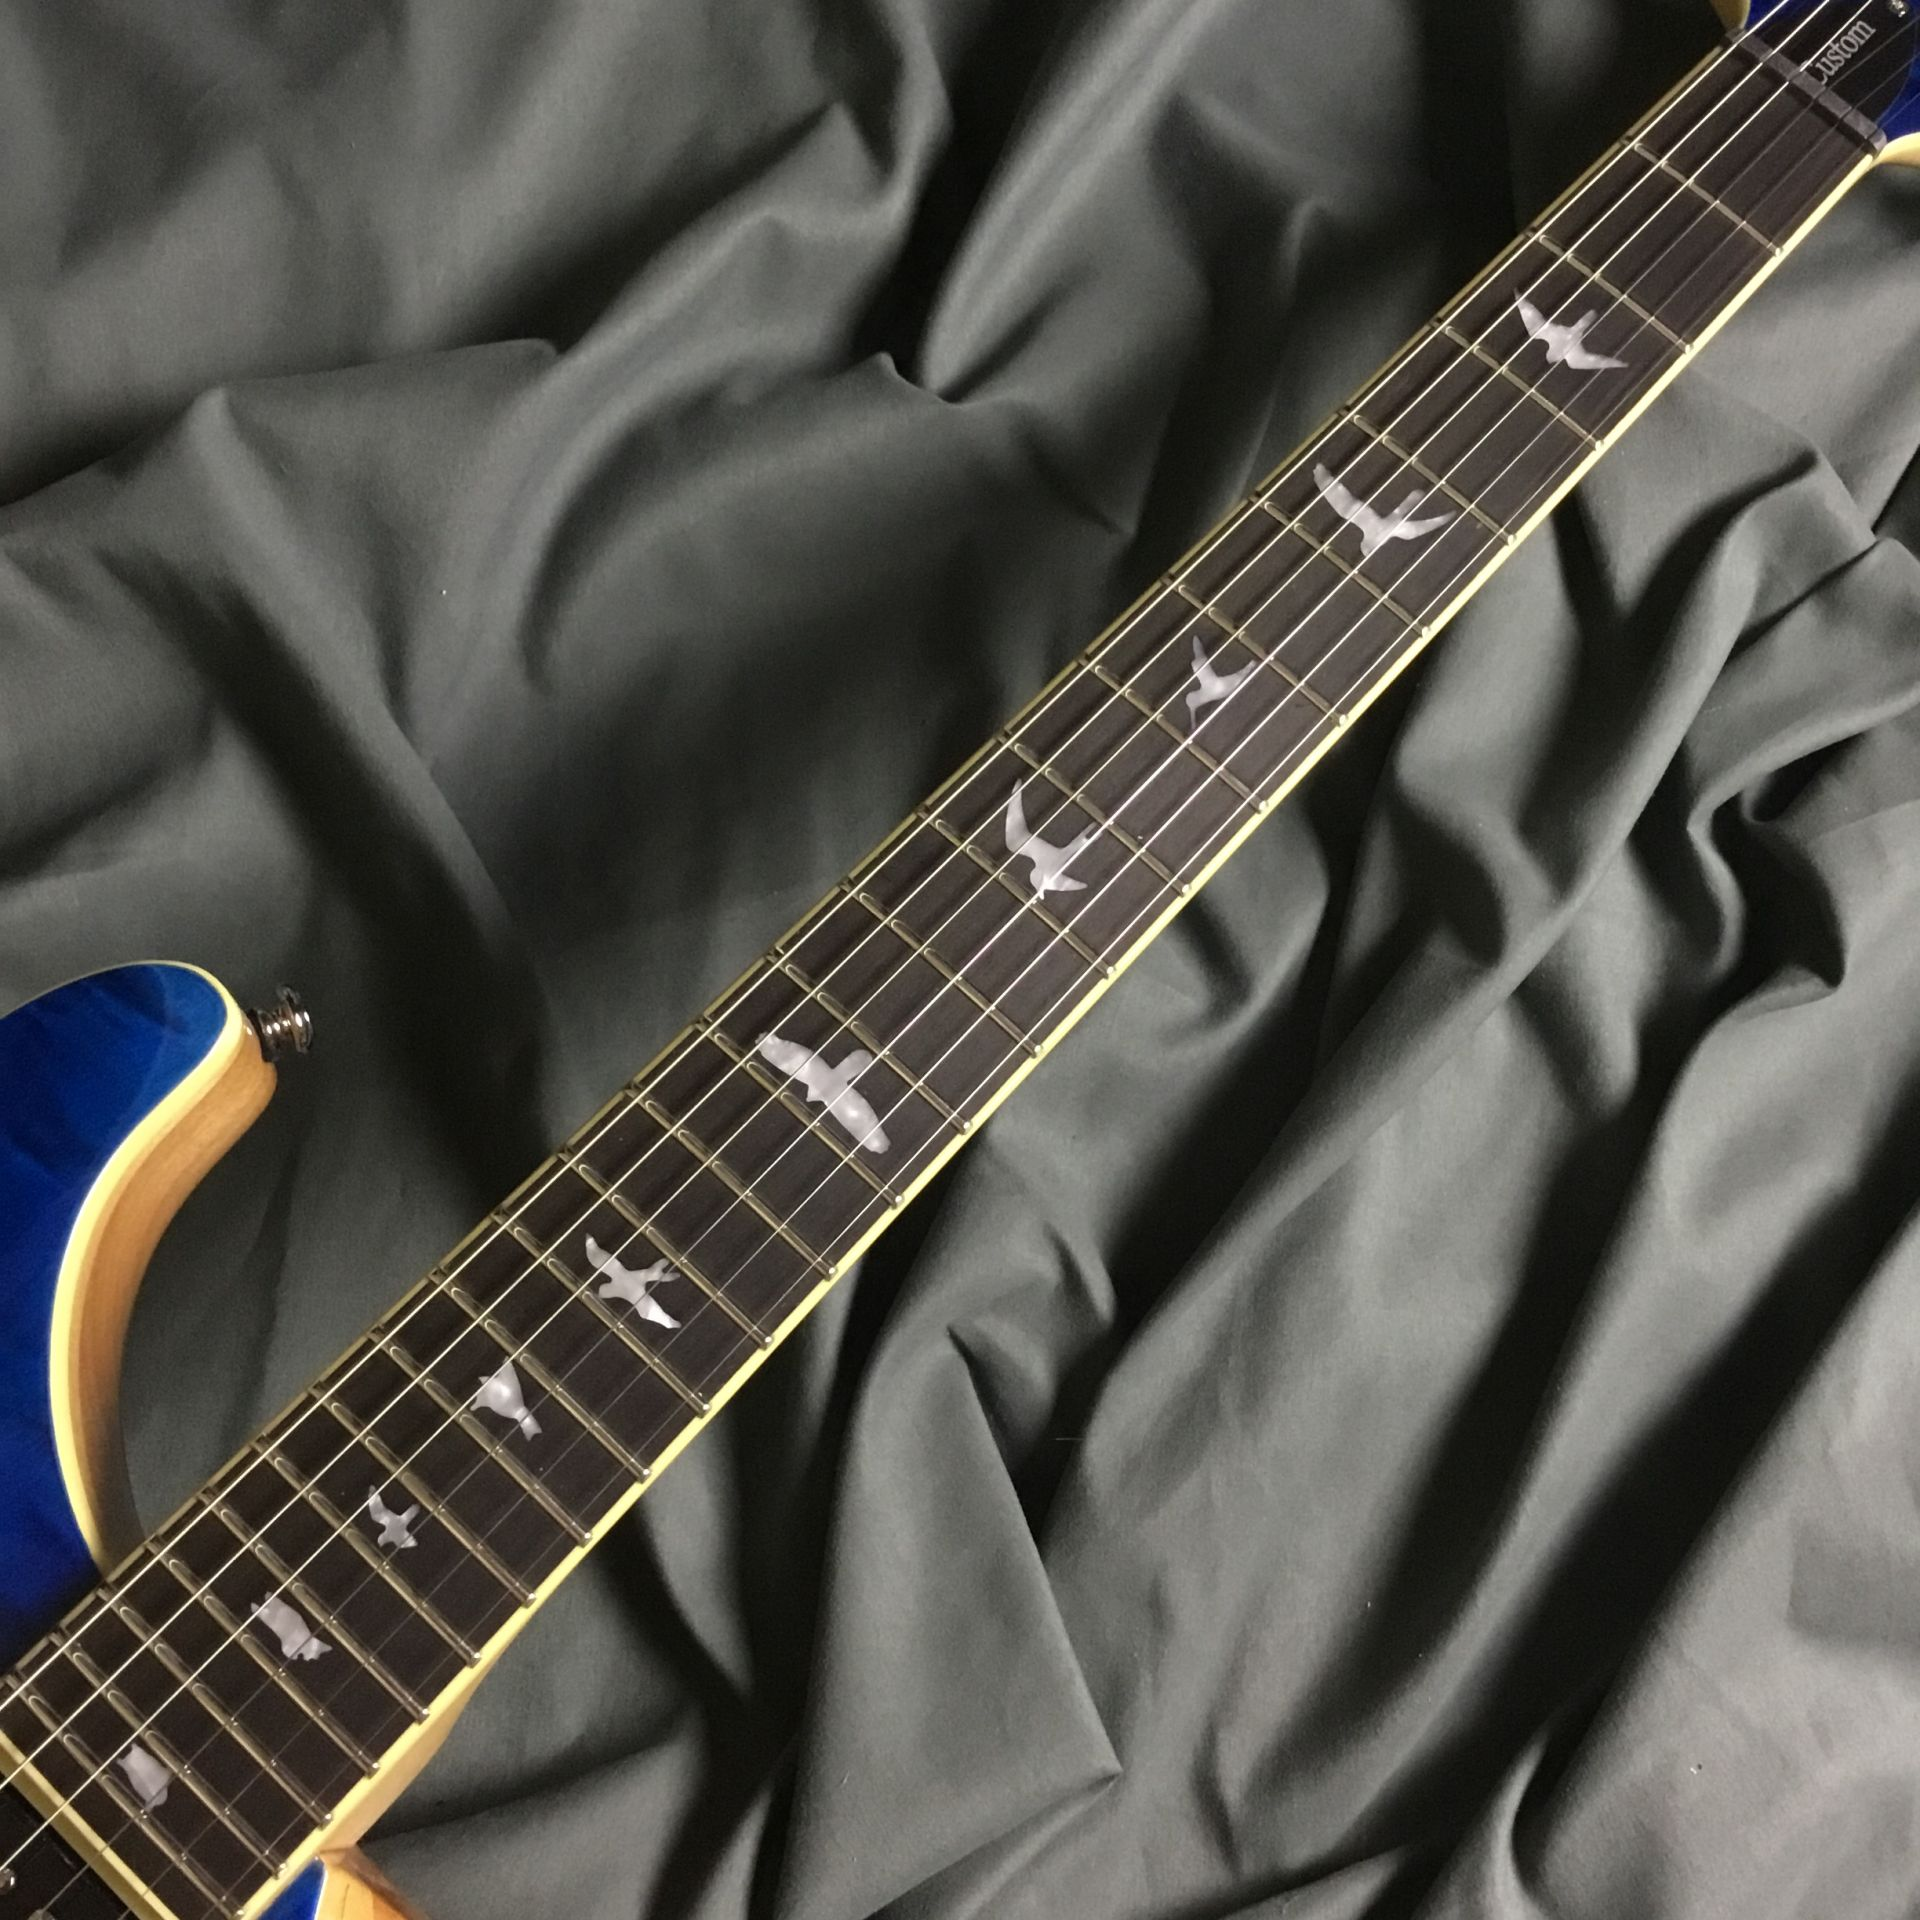 SE CUSTOM 24 QM LTD  Blue Matteo 島村楽器オリジナルモデルのヘッド画像